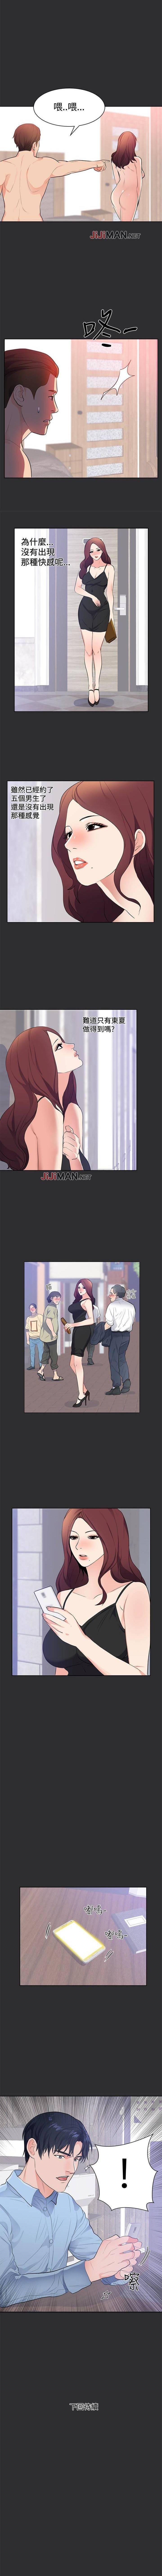 【已完结】性癖好(作者:主寧 & 洗髮精) 第1~30话 86